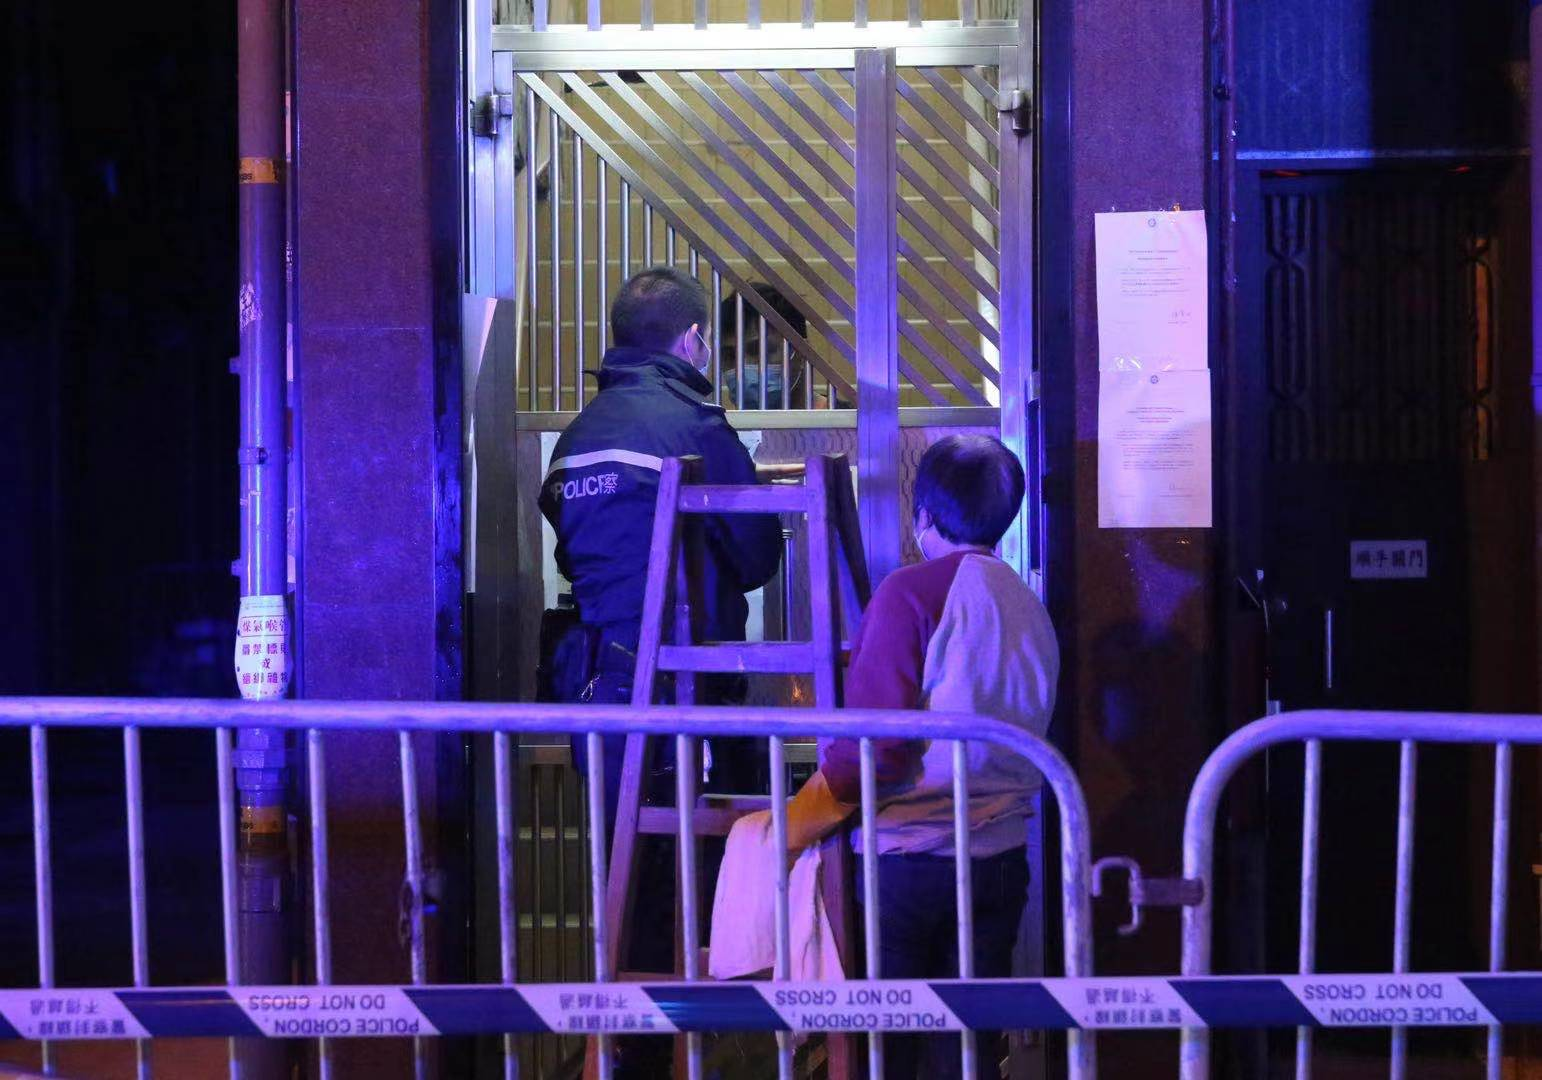 政府今日(23日)凌晨四時宣布,限制佐敦四街(即東至吳松街、南至南京街、西至炮台街、北至甘肅街)範圍內的人強制檢測,受檢人士須在其處所等候,直至區內所有已識別的受檢人士完成檢測,而相關檢測結果亦已獲大致確定,方可離開其處所。政府目標是在約48小時內完成此行動,以達致「同心抗疫,小區『清零』」的目標。午夜起,多架貨車將酒精搓手液、杯面及罐頭等物資運到,作人員在區內架起多個帳篷,警員在甘肅街及上海街交界圍起膠帶,不准車輛進入。(大公報記者 賀仁攝)